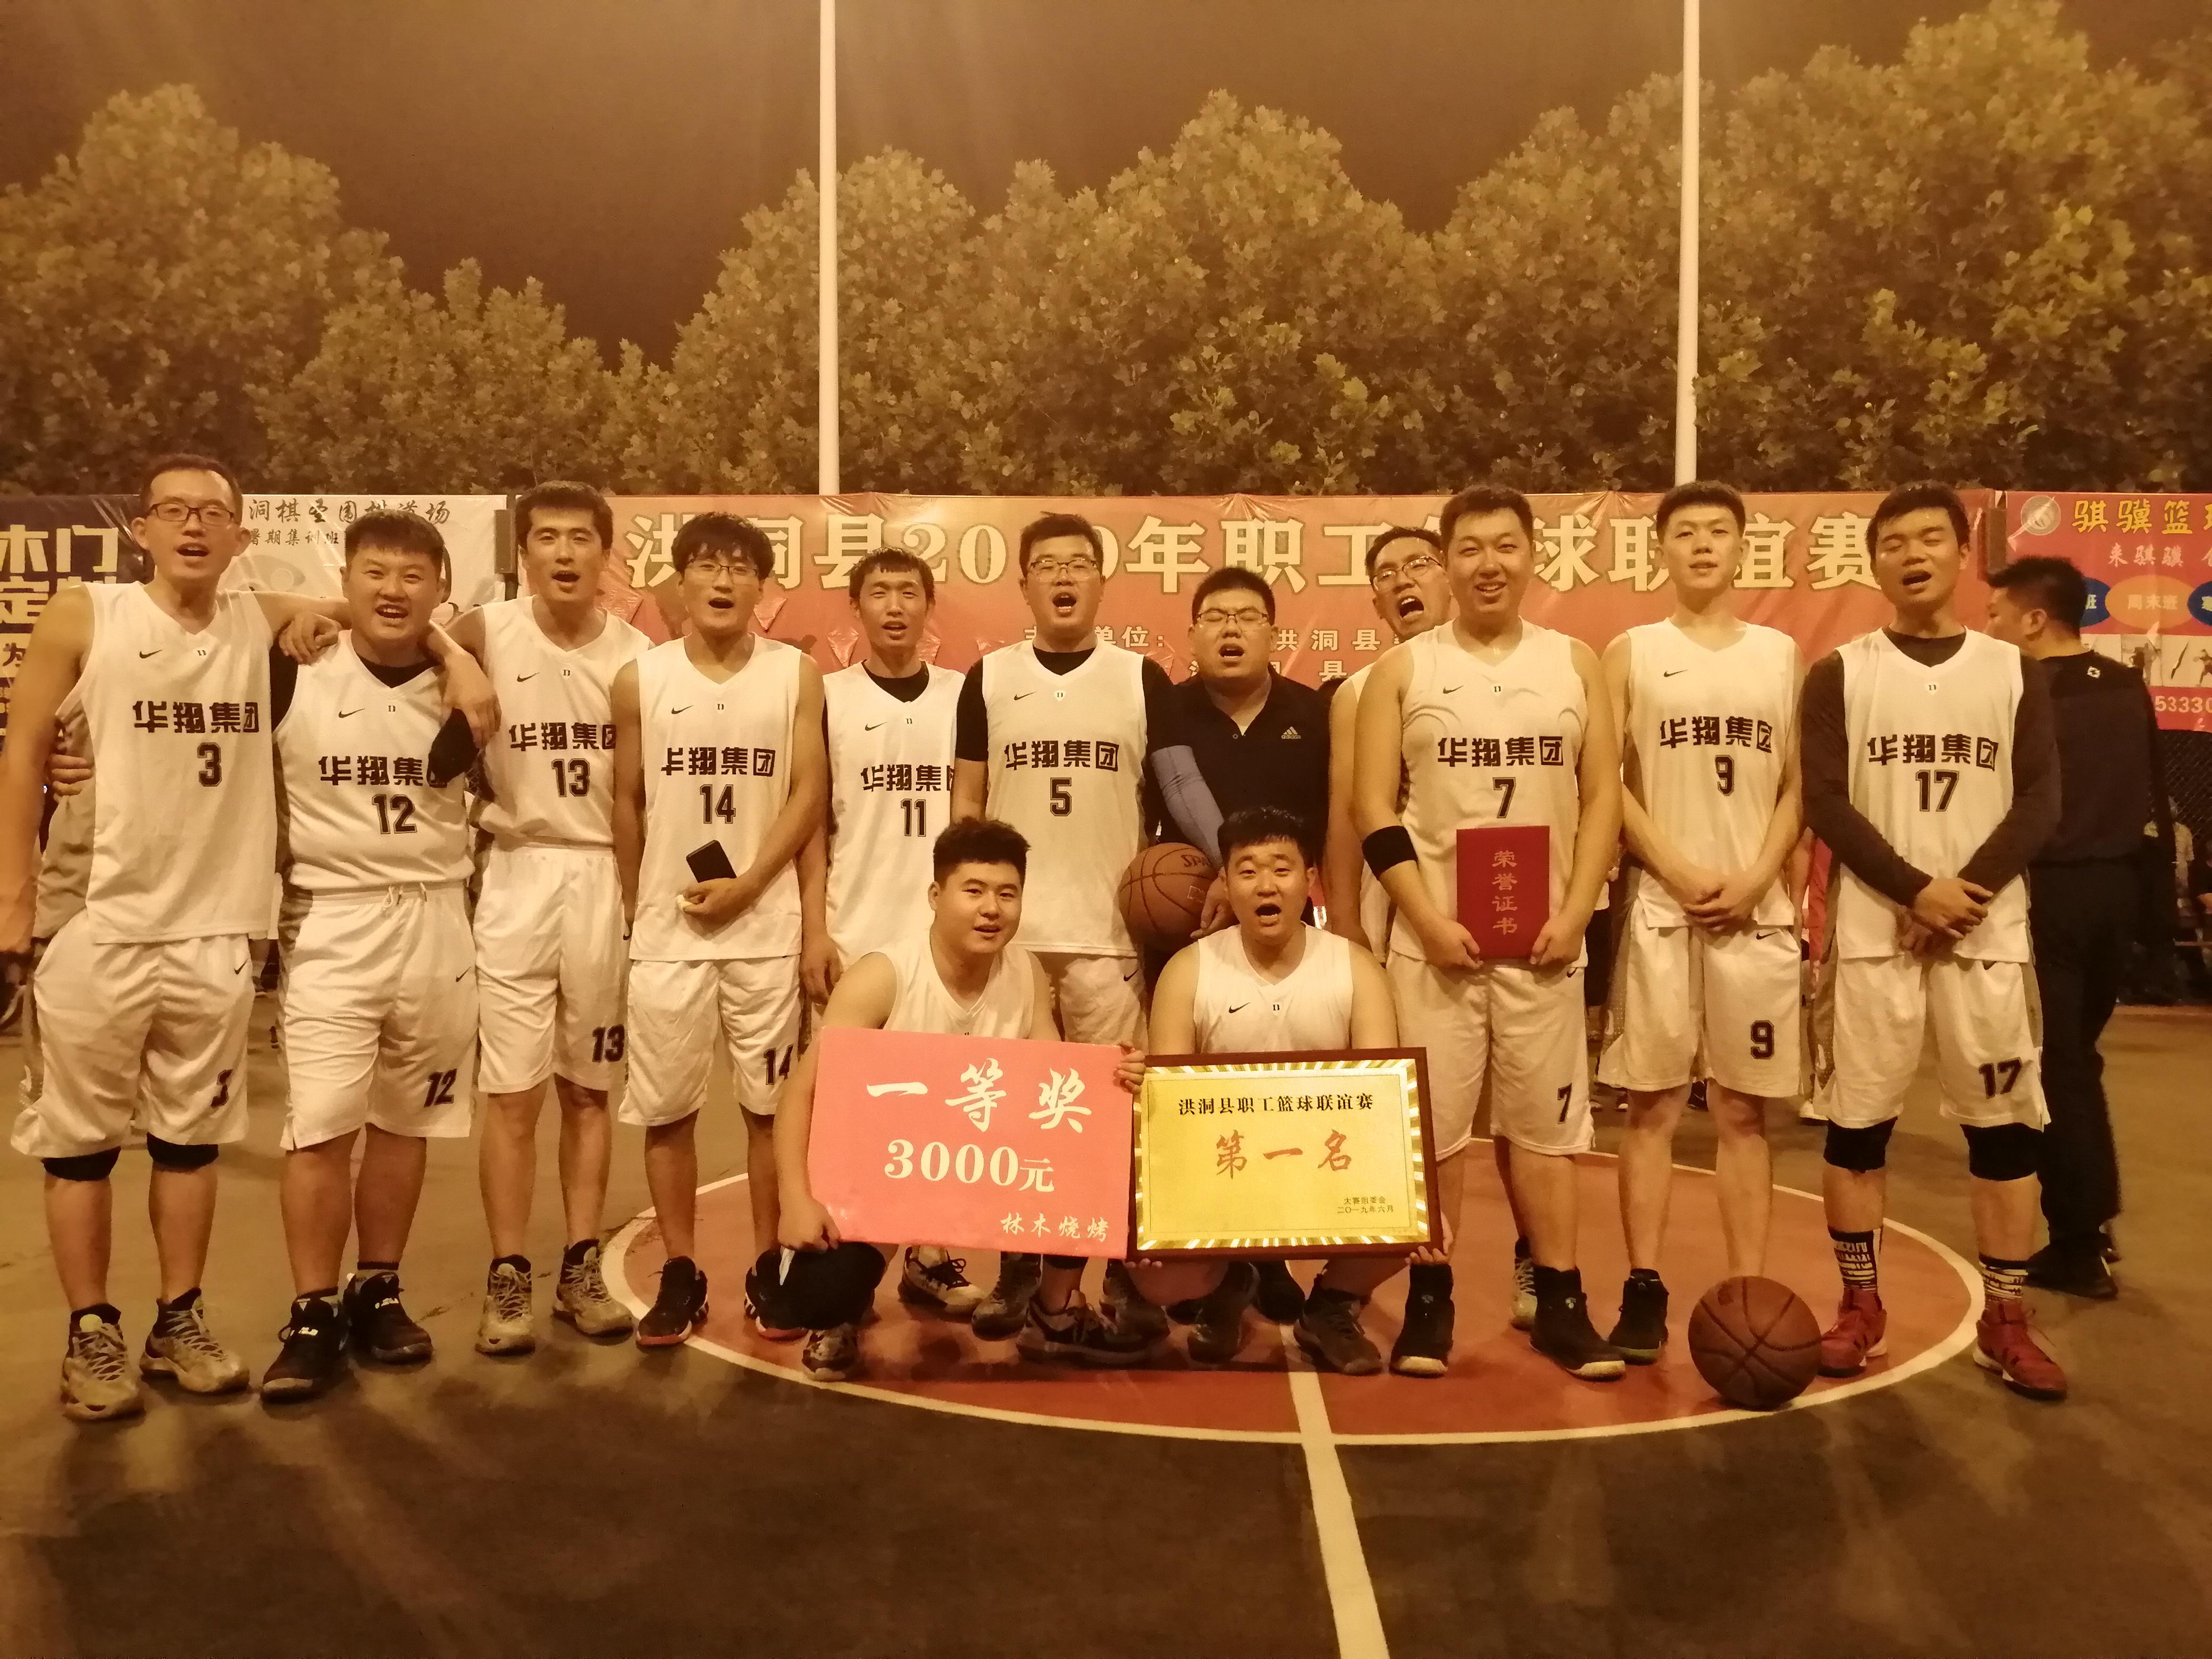 团结一心、顽强拼搏、坚持不懈、勇争第一   —记2019年洪洞县职工篮球联谊夺冠赛